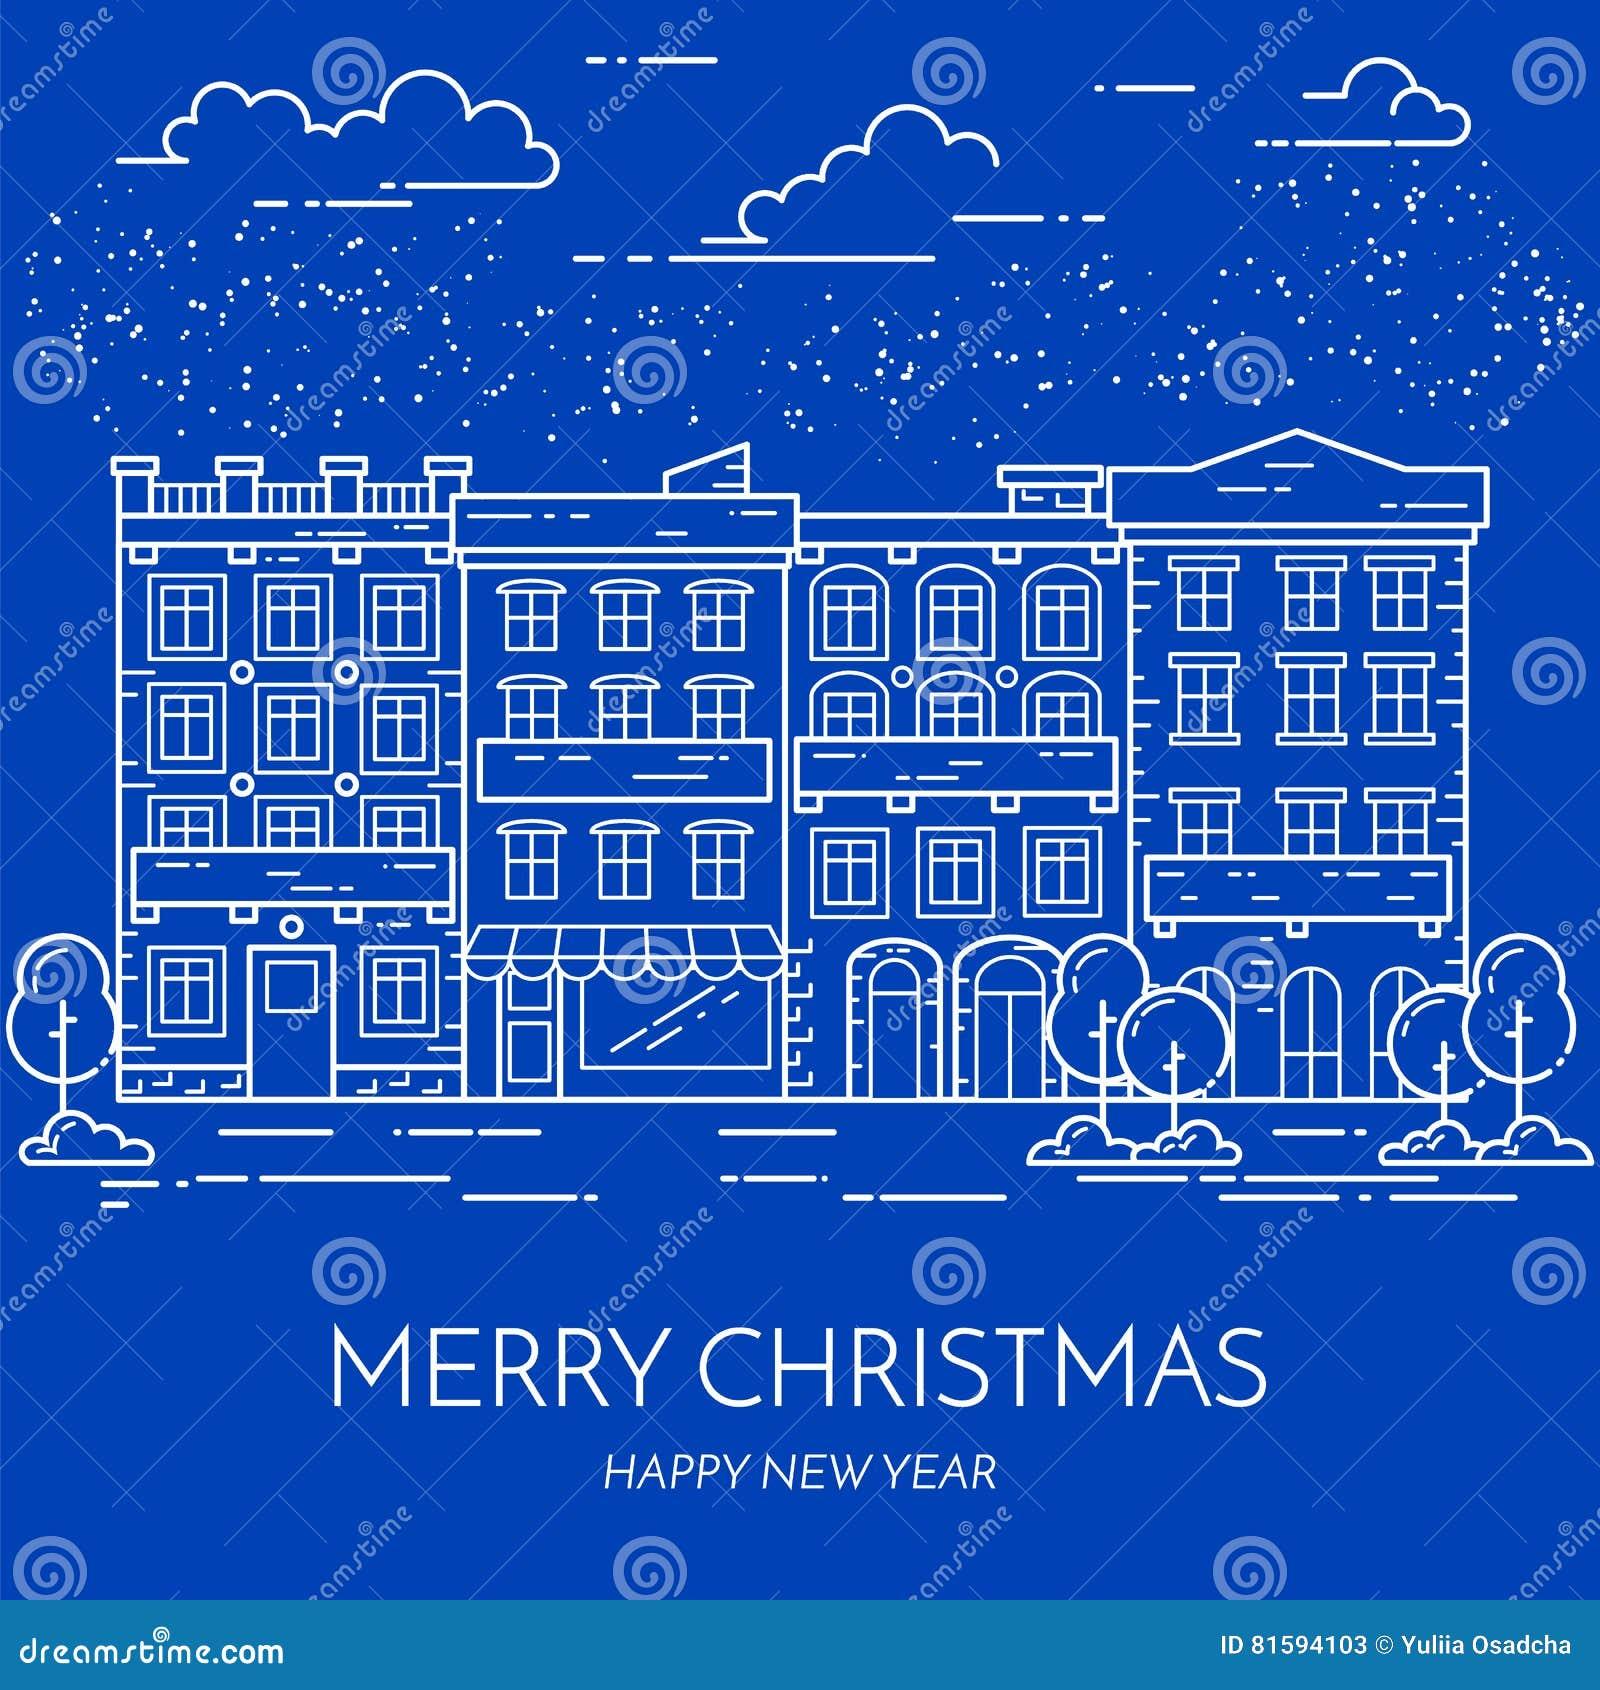 Linje konst för lägenhet för landskap för gata för stad vinterChrismas för nytt år